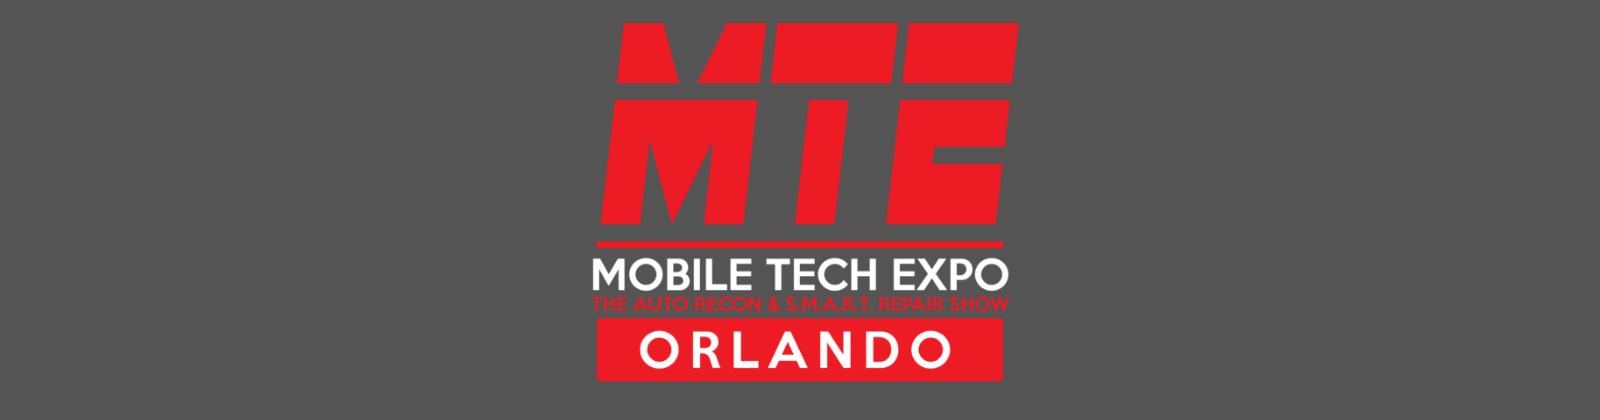 Mobile Tech Expo 2019 Wrap Up